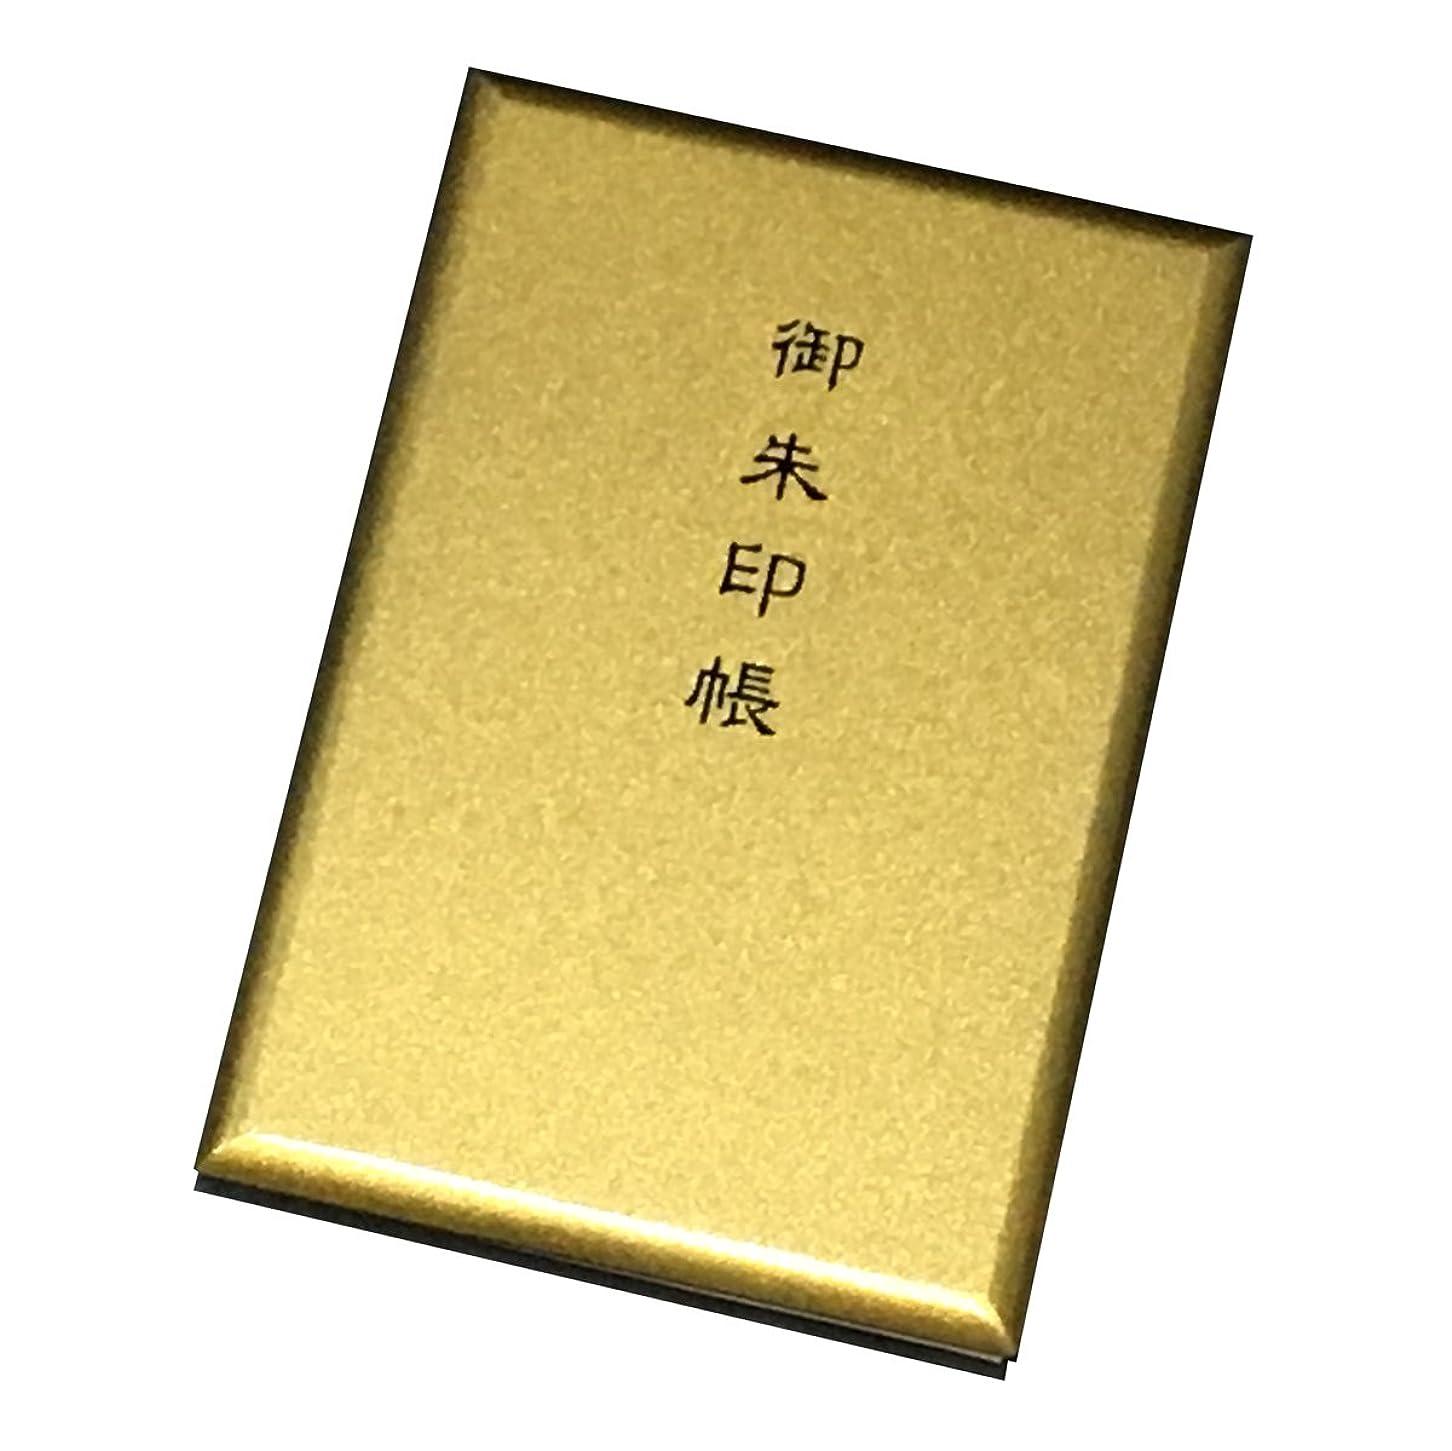 低下拘束する憧れ漆器の御朱印帳 木製 金色塗 標準サイズ